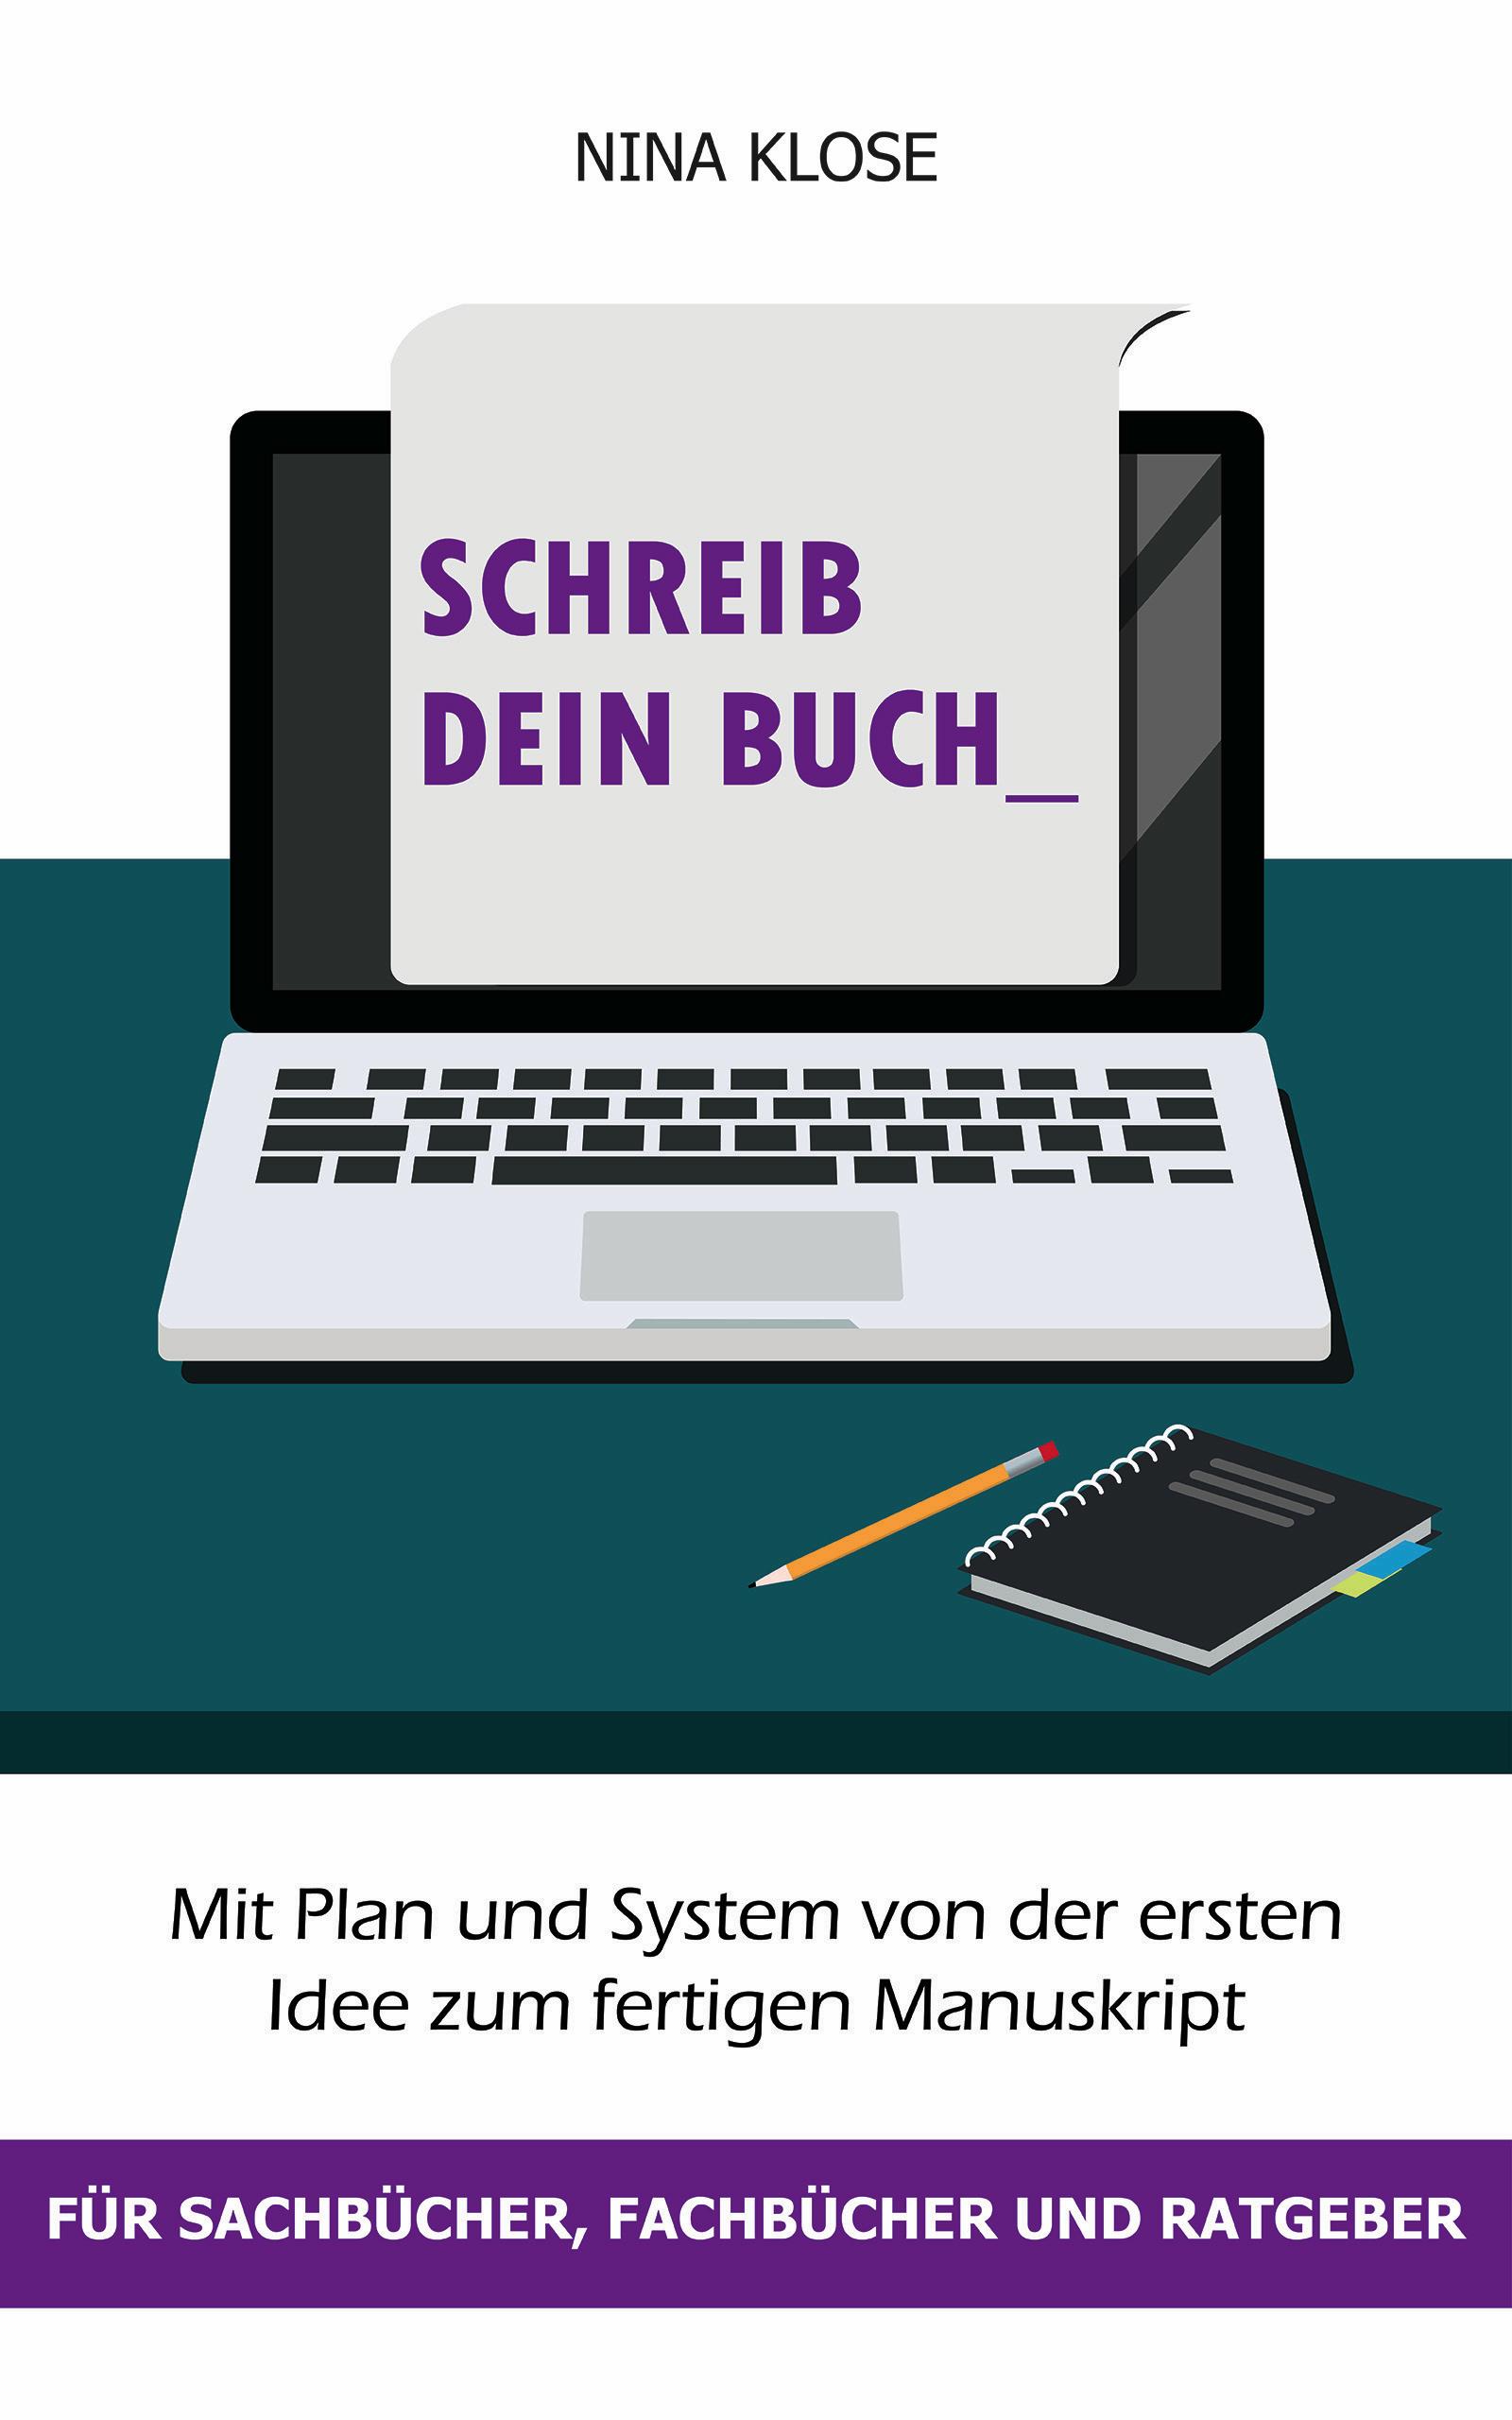 Schreib dein Buch Nina Klose